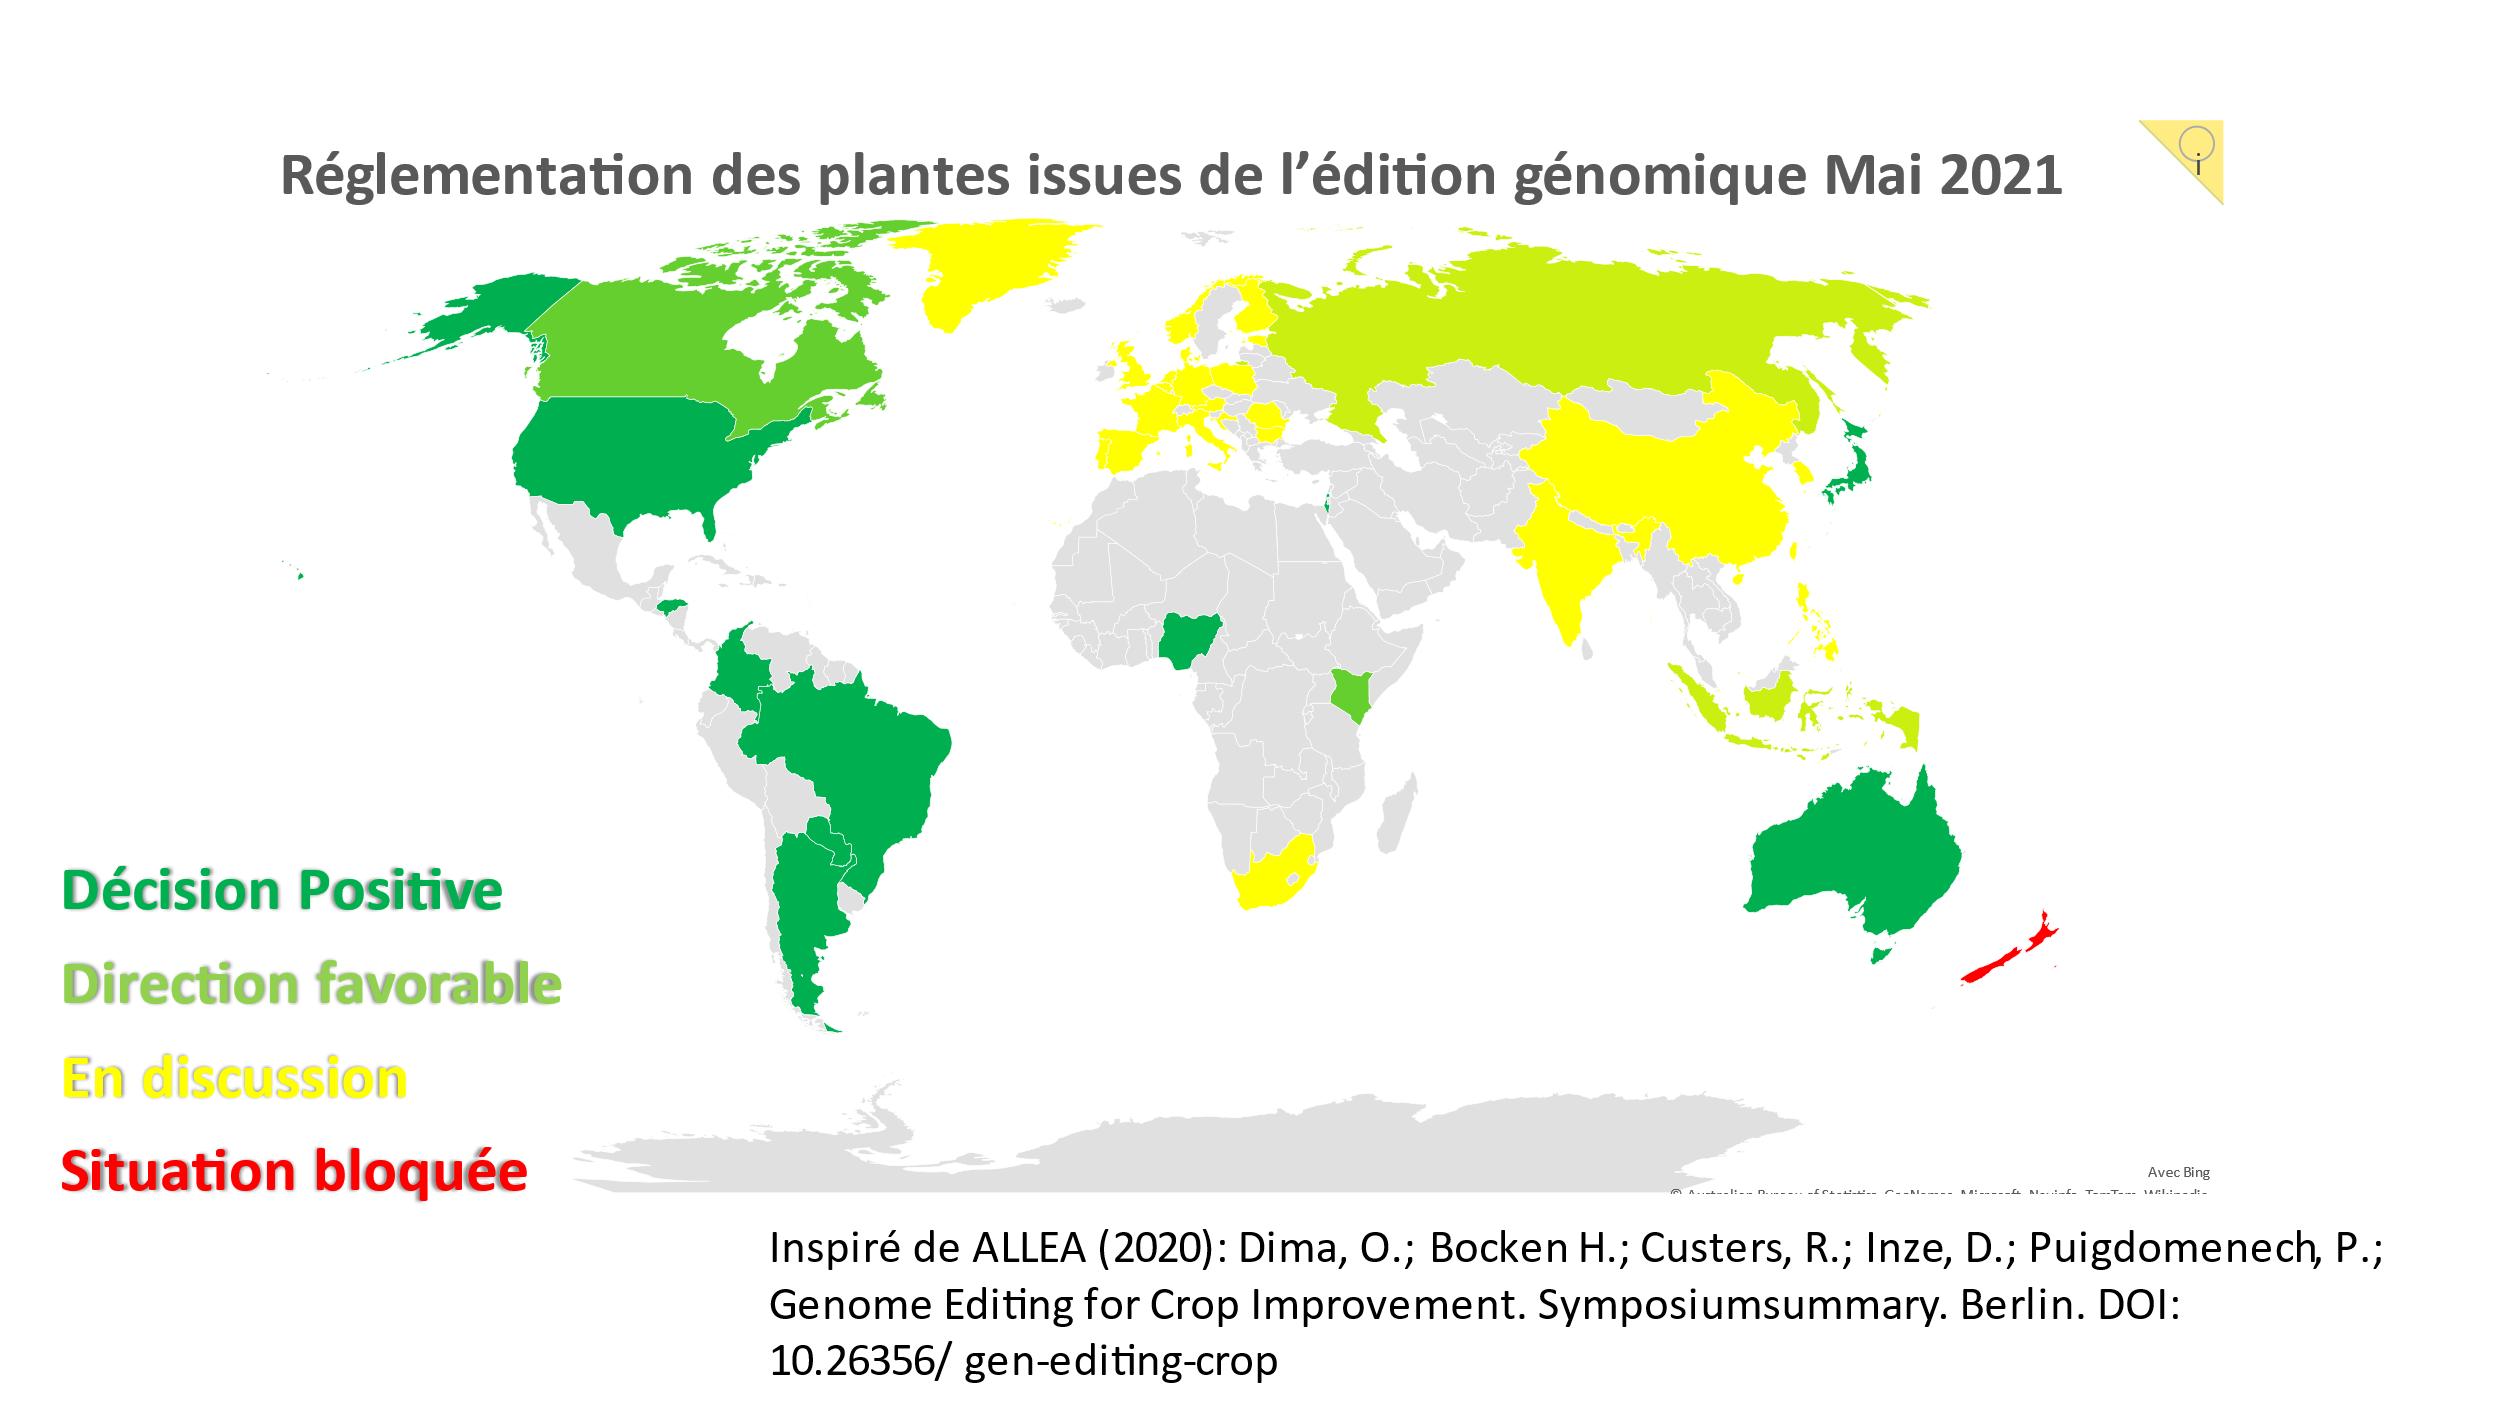 Approches réglementaires pour les plantes éditées dans le monde